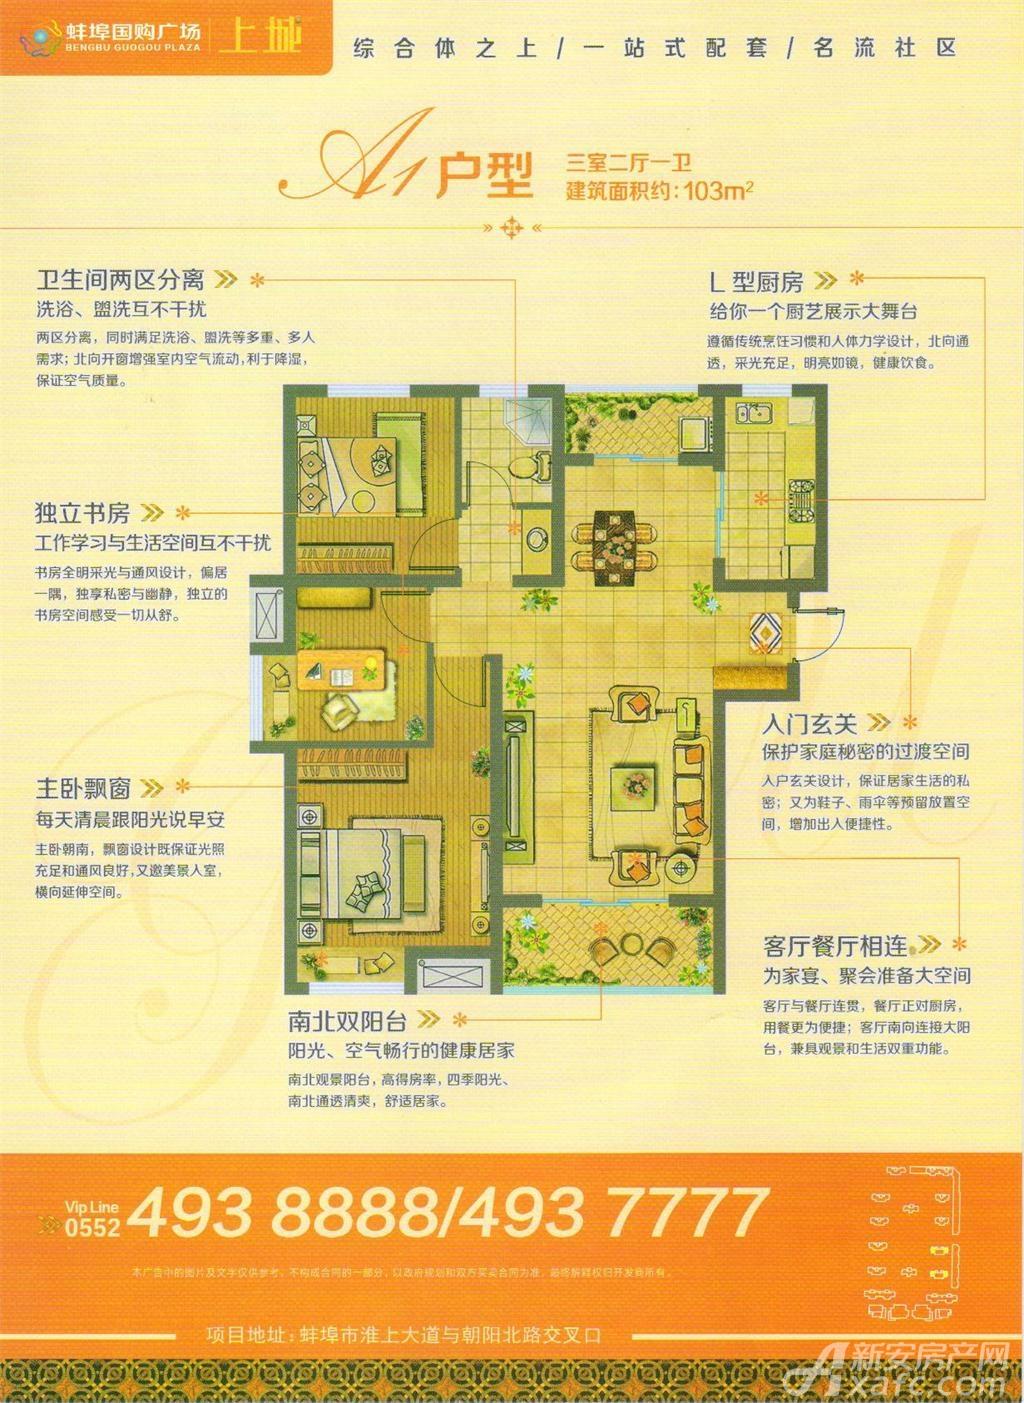 蚌埠国购广场A1户型3室2厅103平米